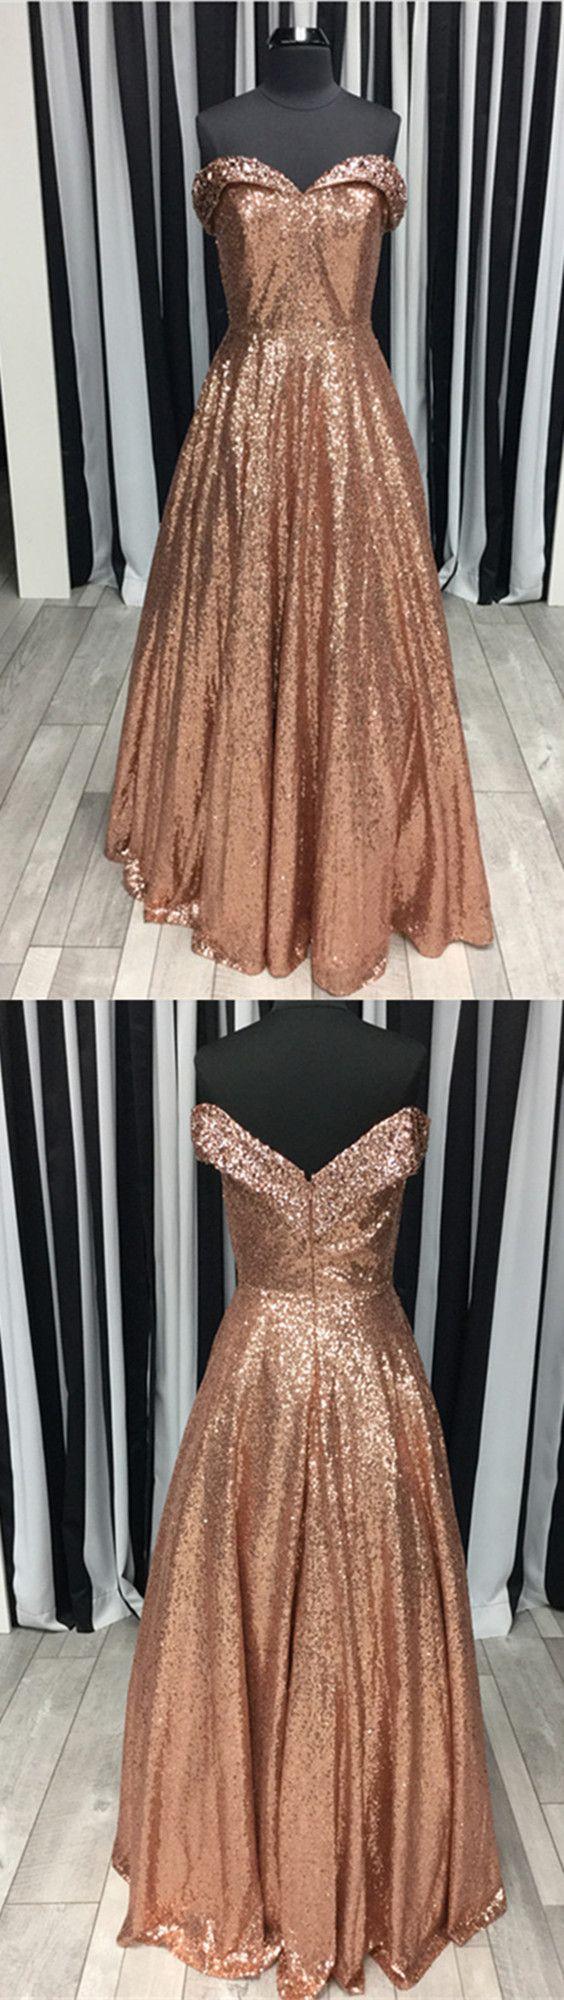 Beaded V Neck Off Shoulder Floor Length Prom Dresses Sequins Evening